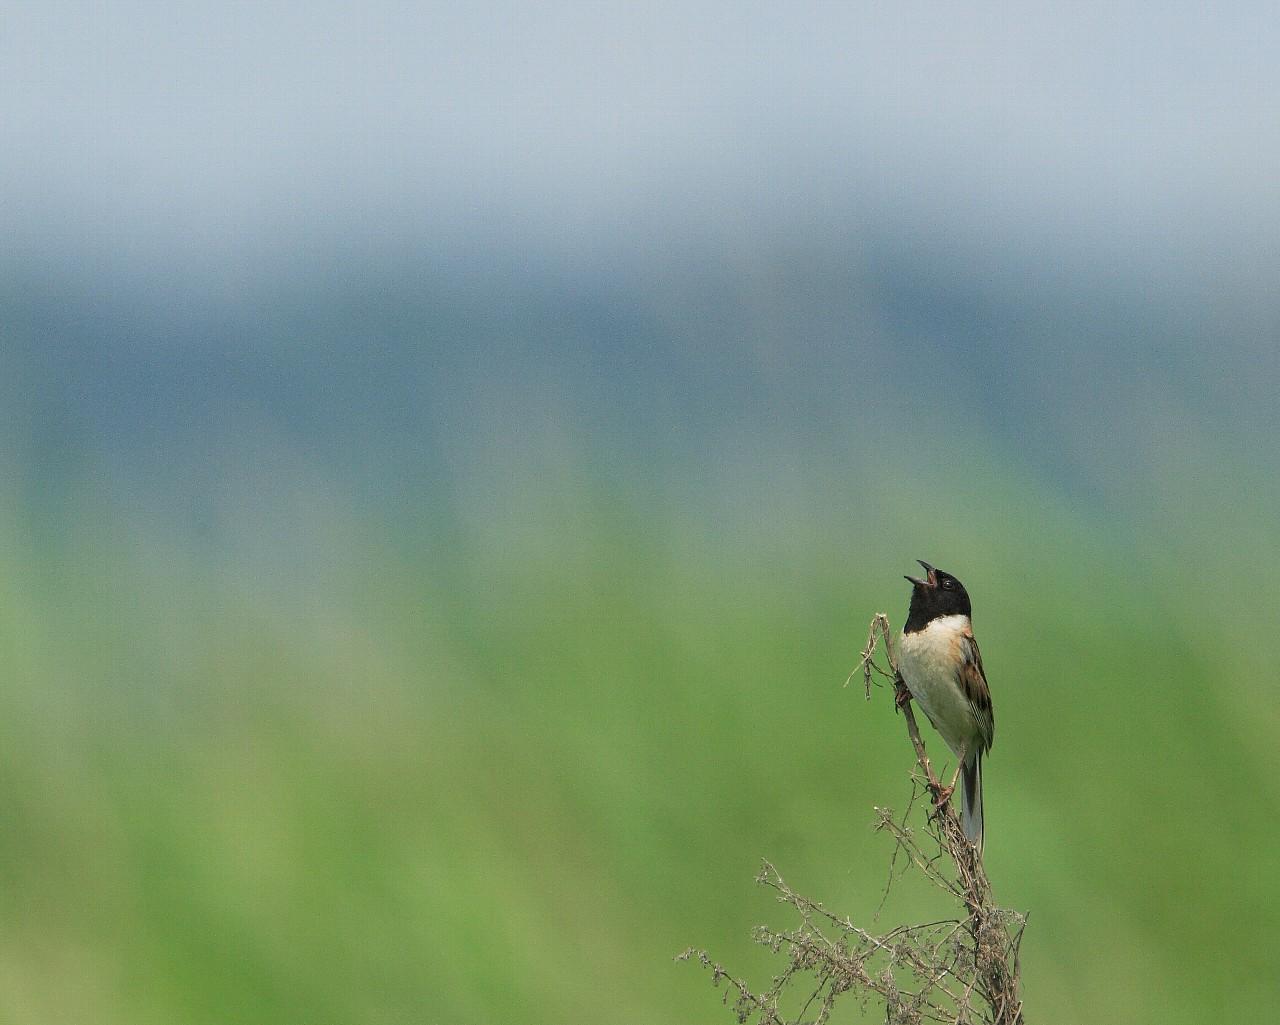 笹川は野鳥カメラマンに優しい土地です!_f0105570_21442997.jpg